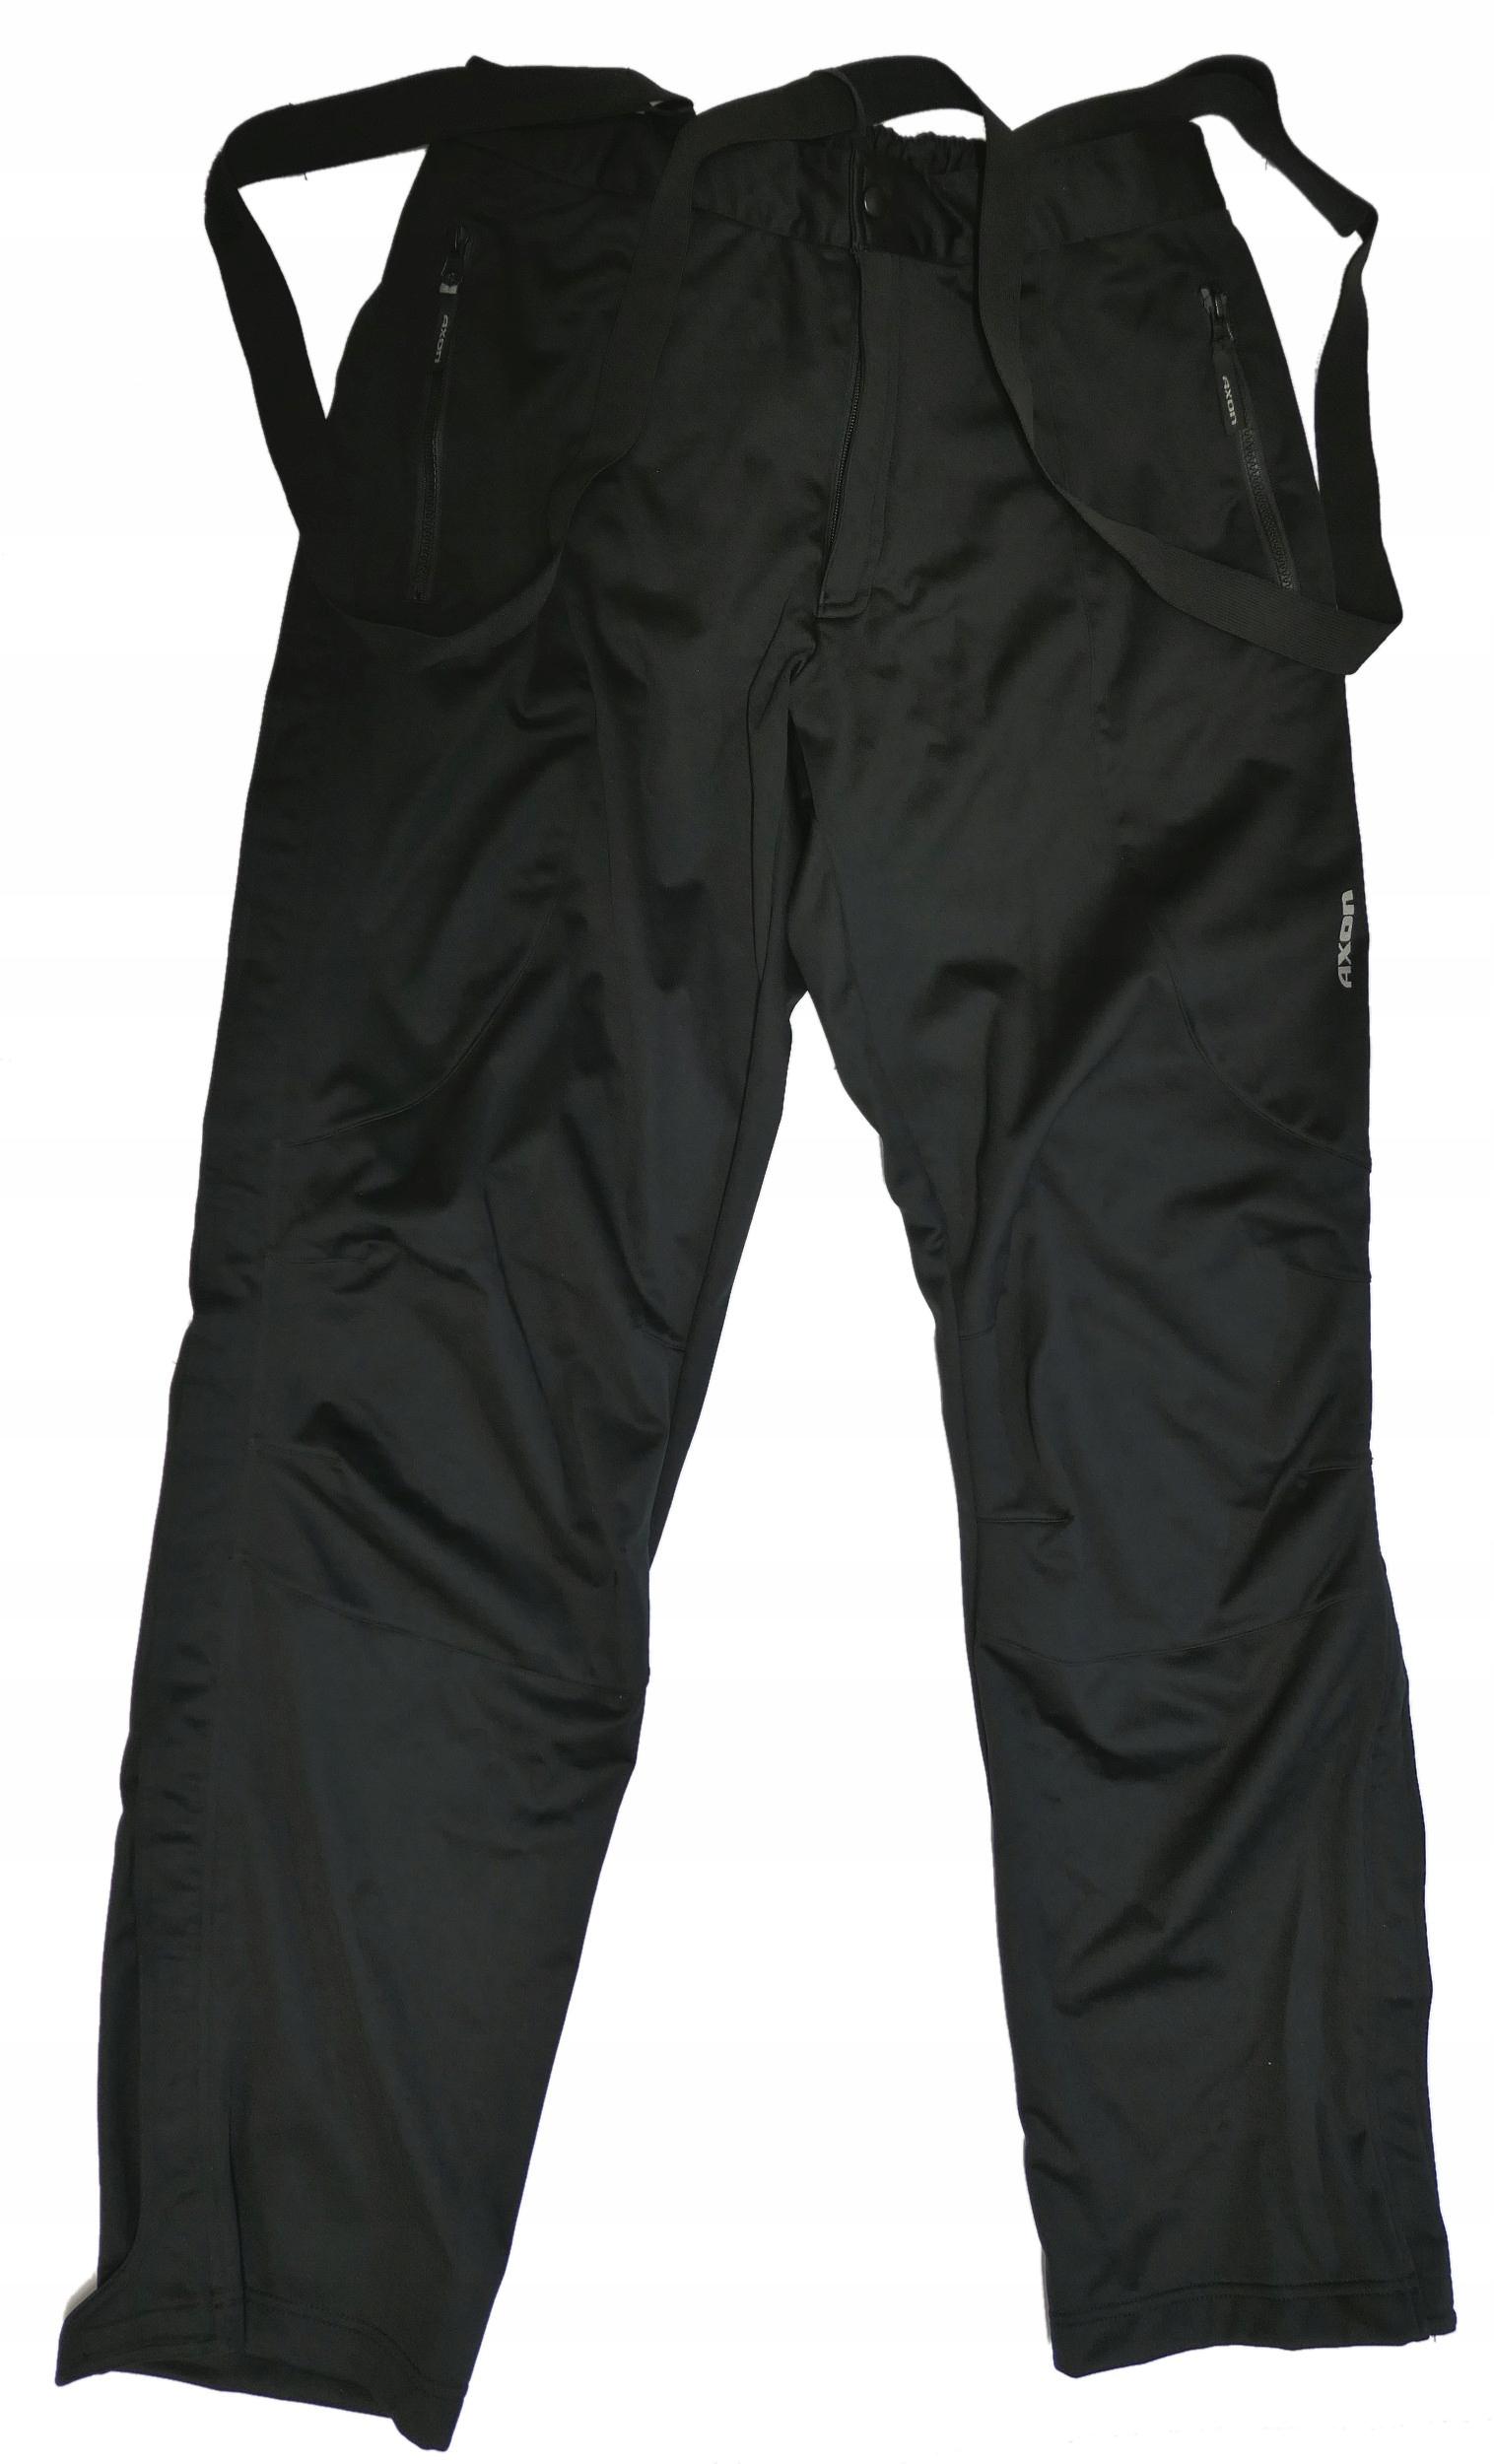 d778dc31 AXON HURRICANE męskie spodnie na narty biegowe, L - 7696005453 ...